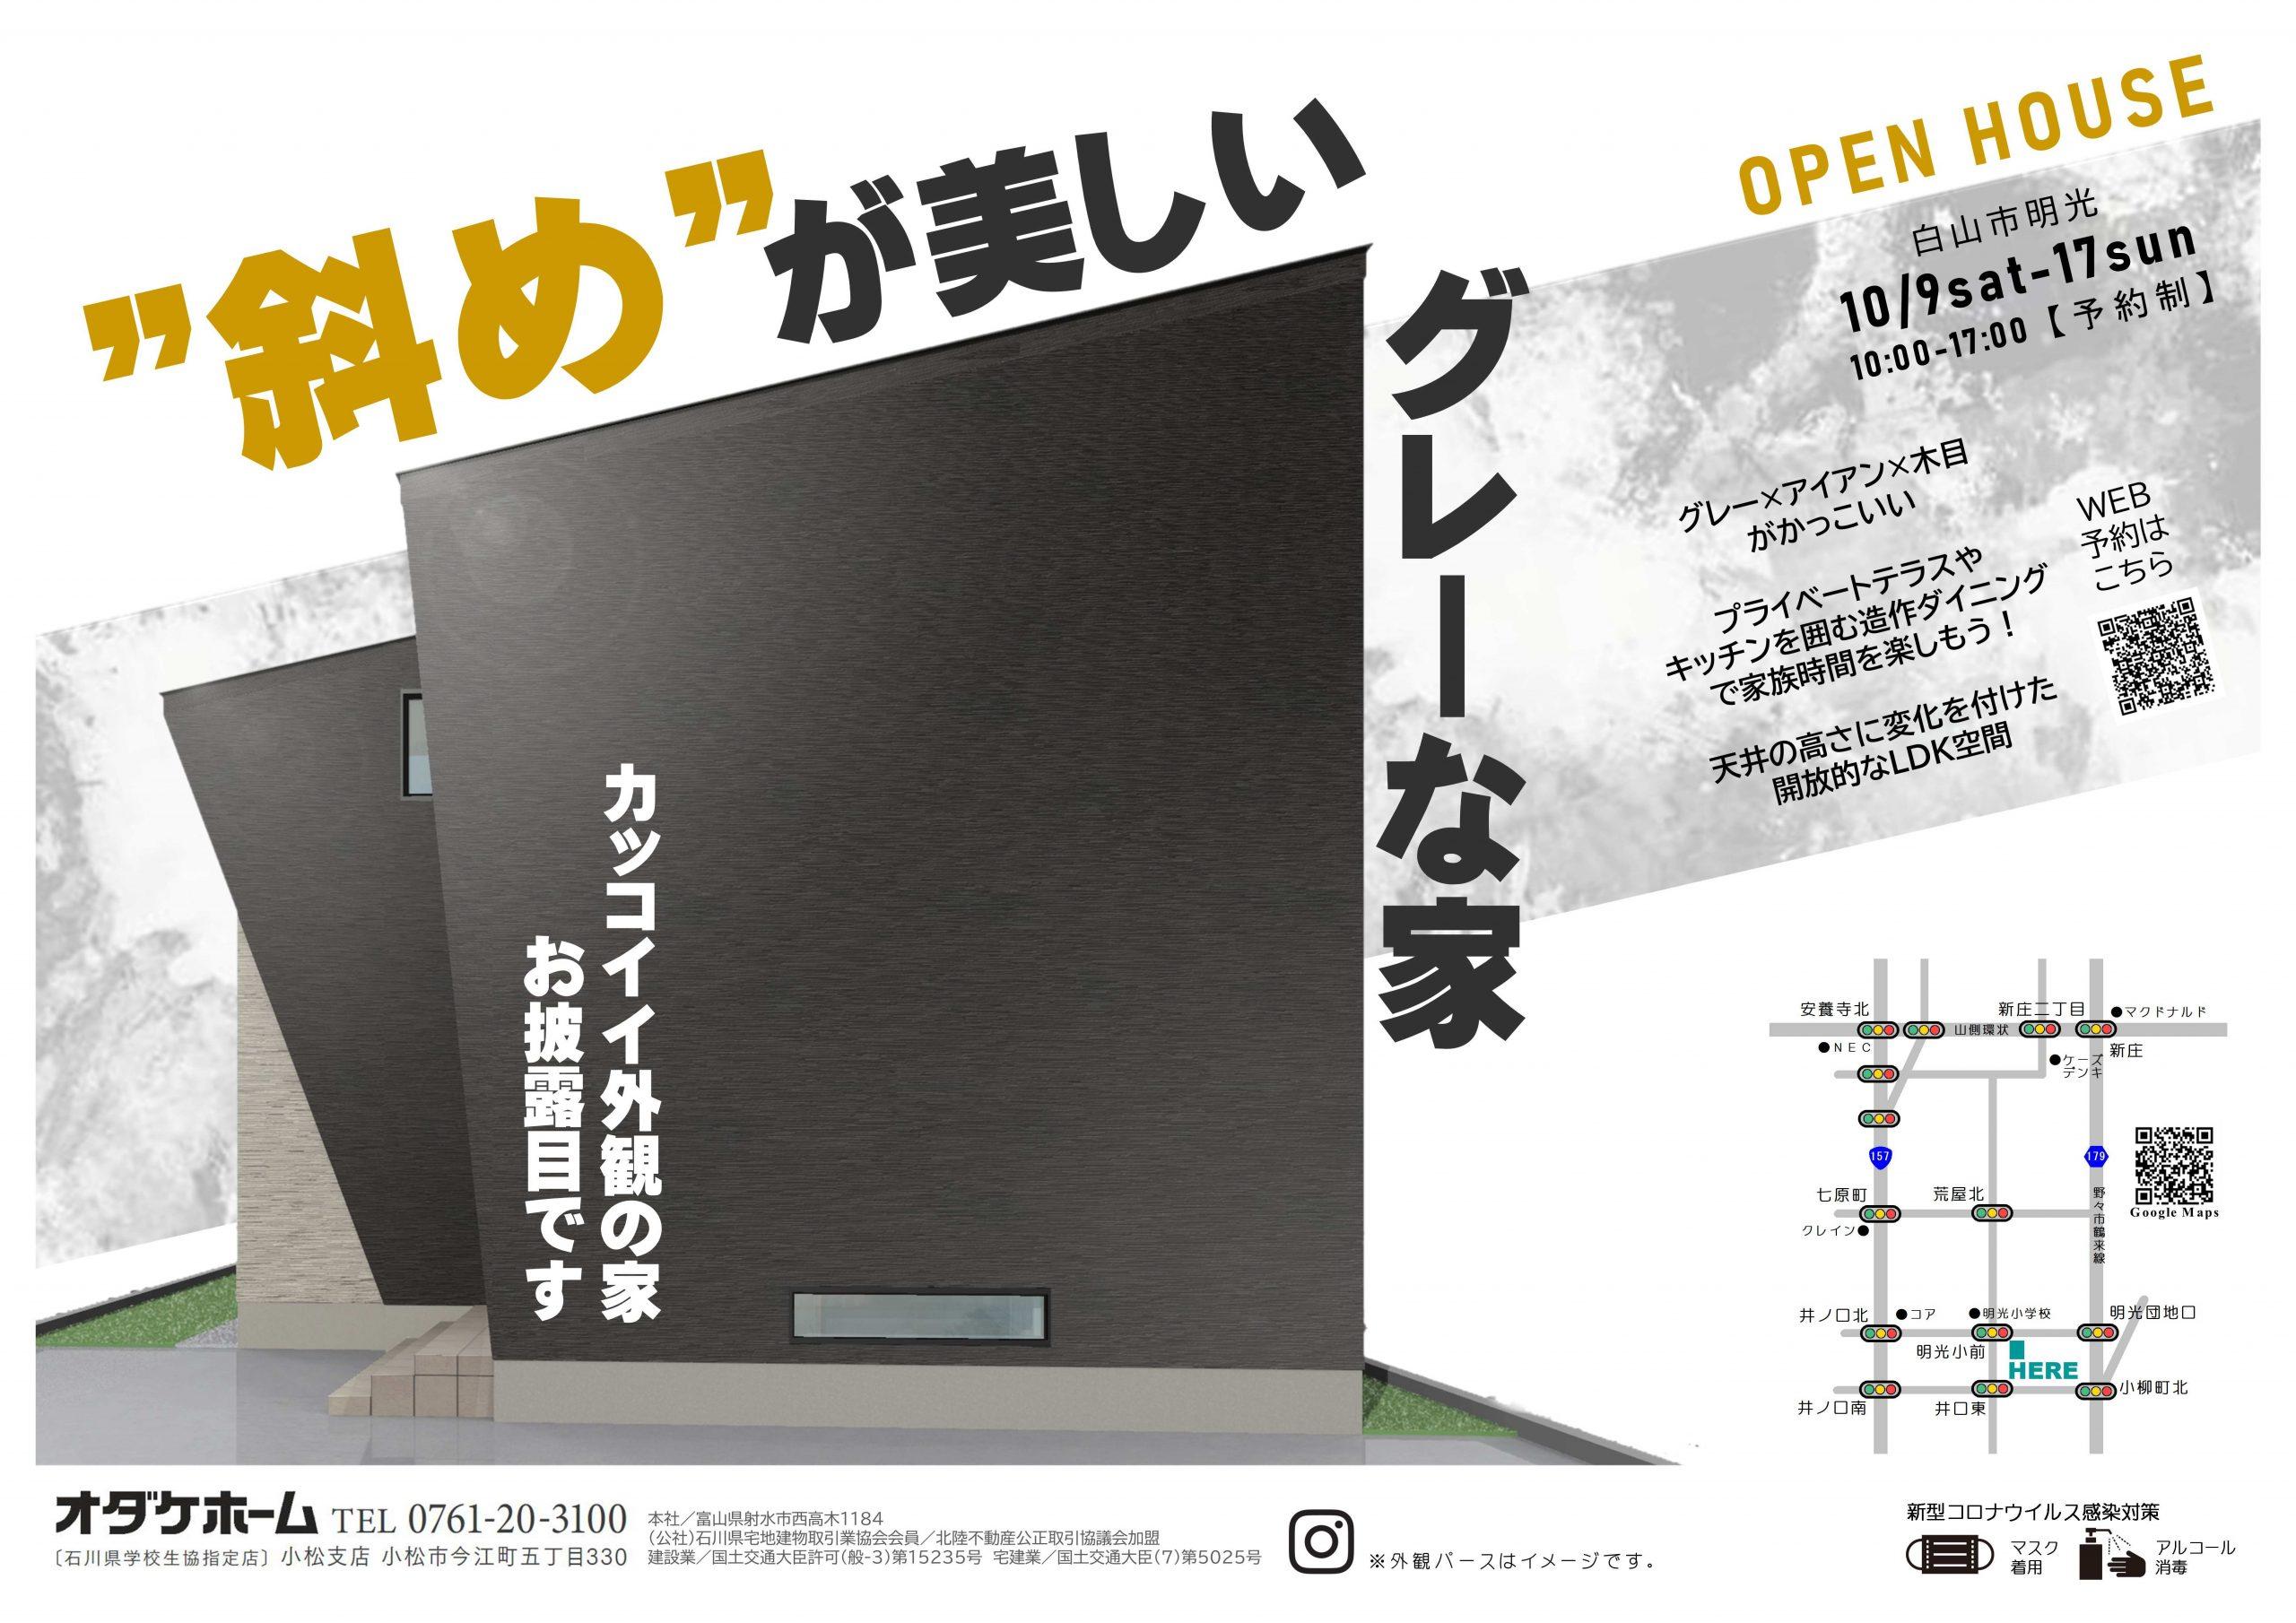 10/9(土)~17(日)白山市明光完成見学会【予約制】